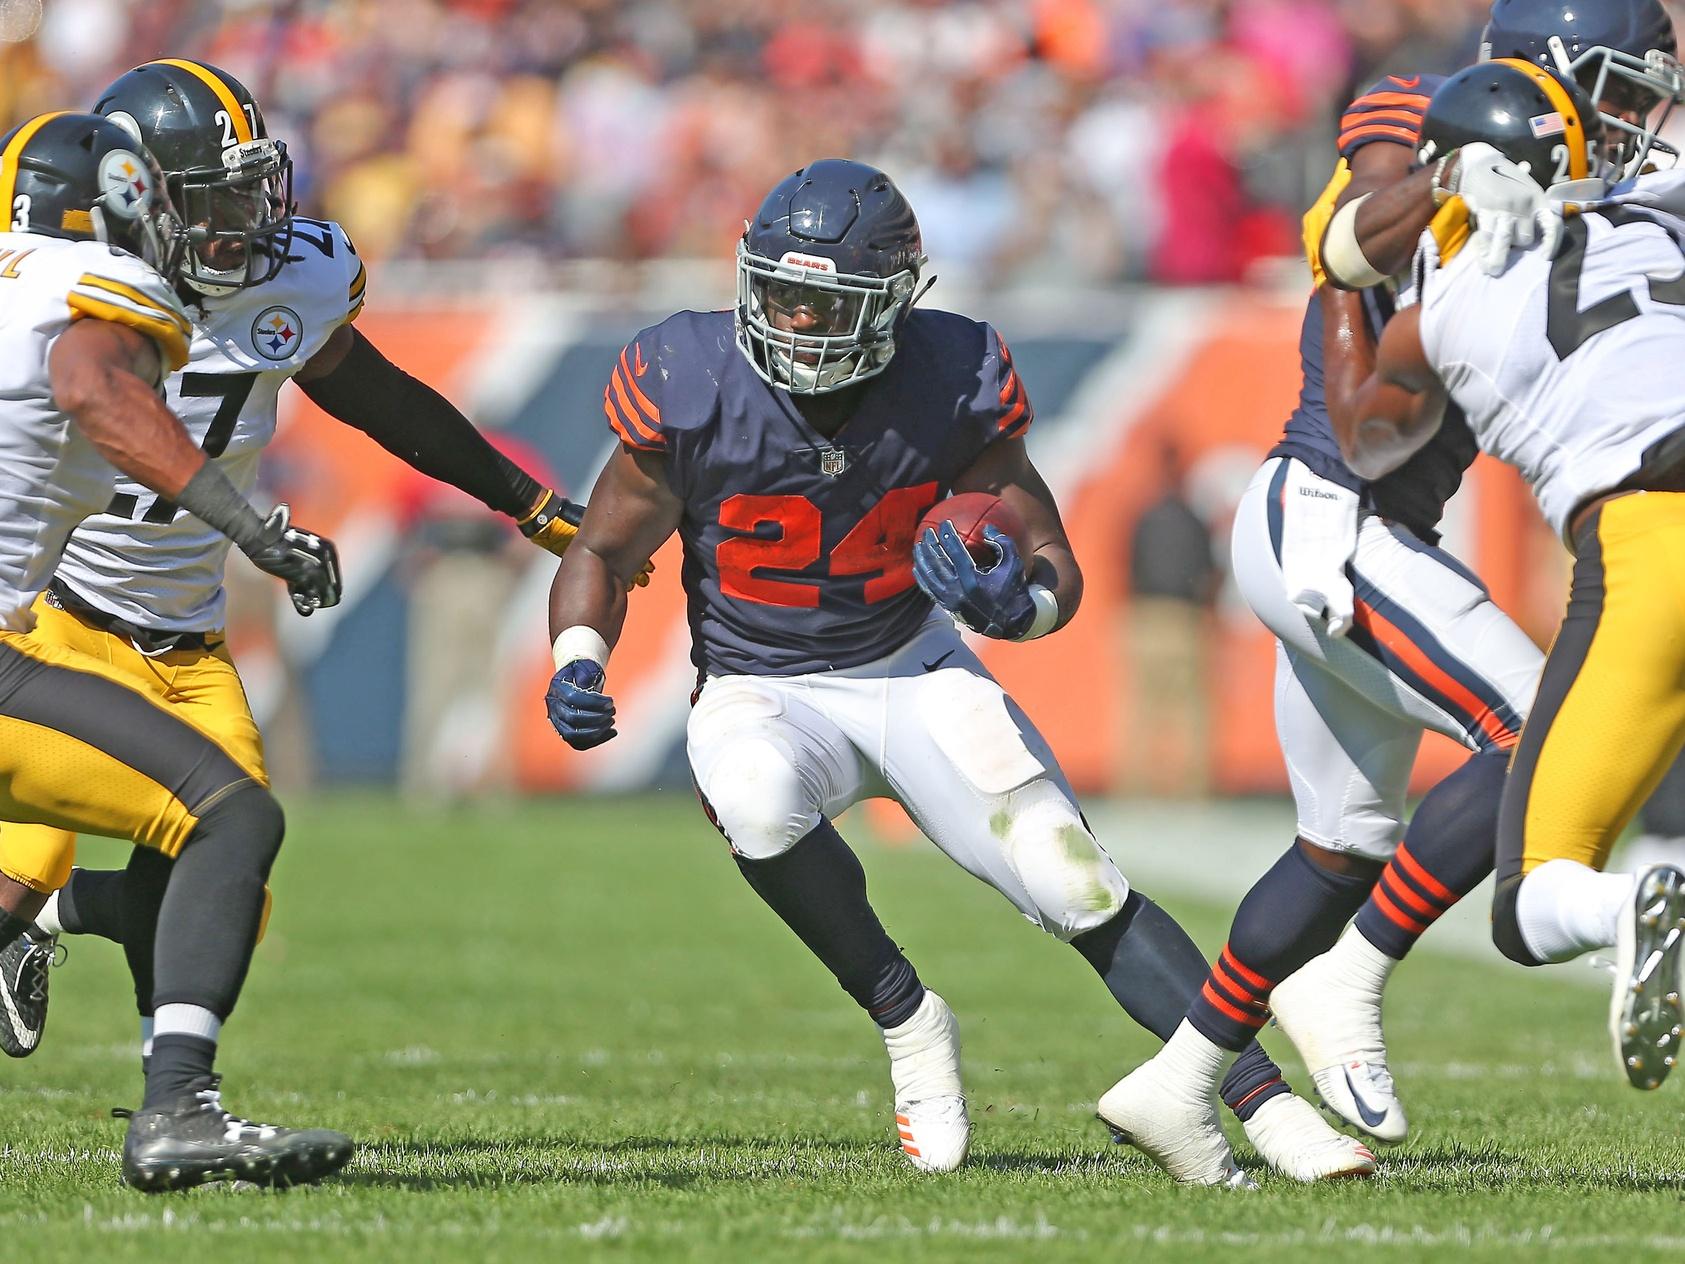 Chicago Bears running back Jordan Howard against Pittsburgh Steelers in NFL Week 3